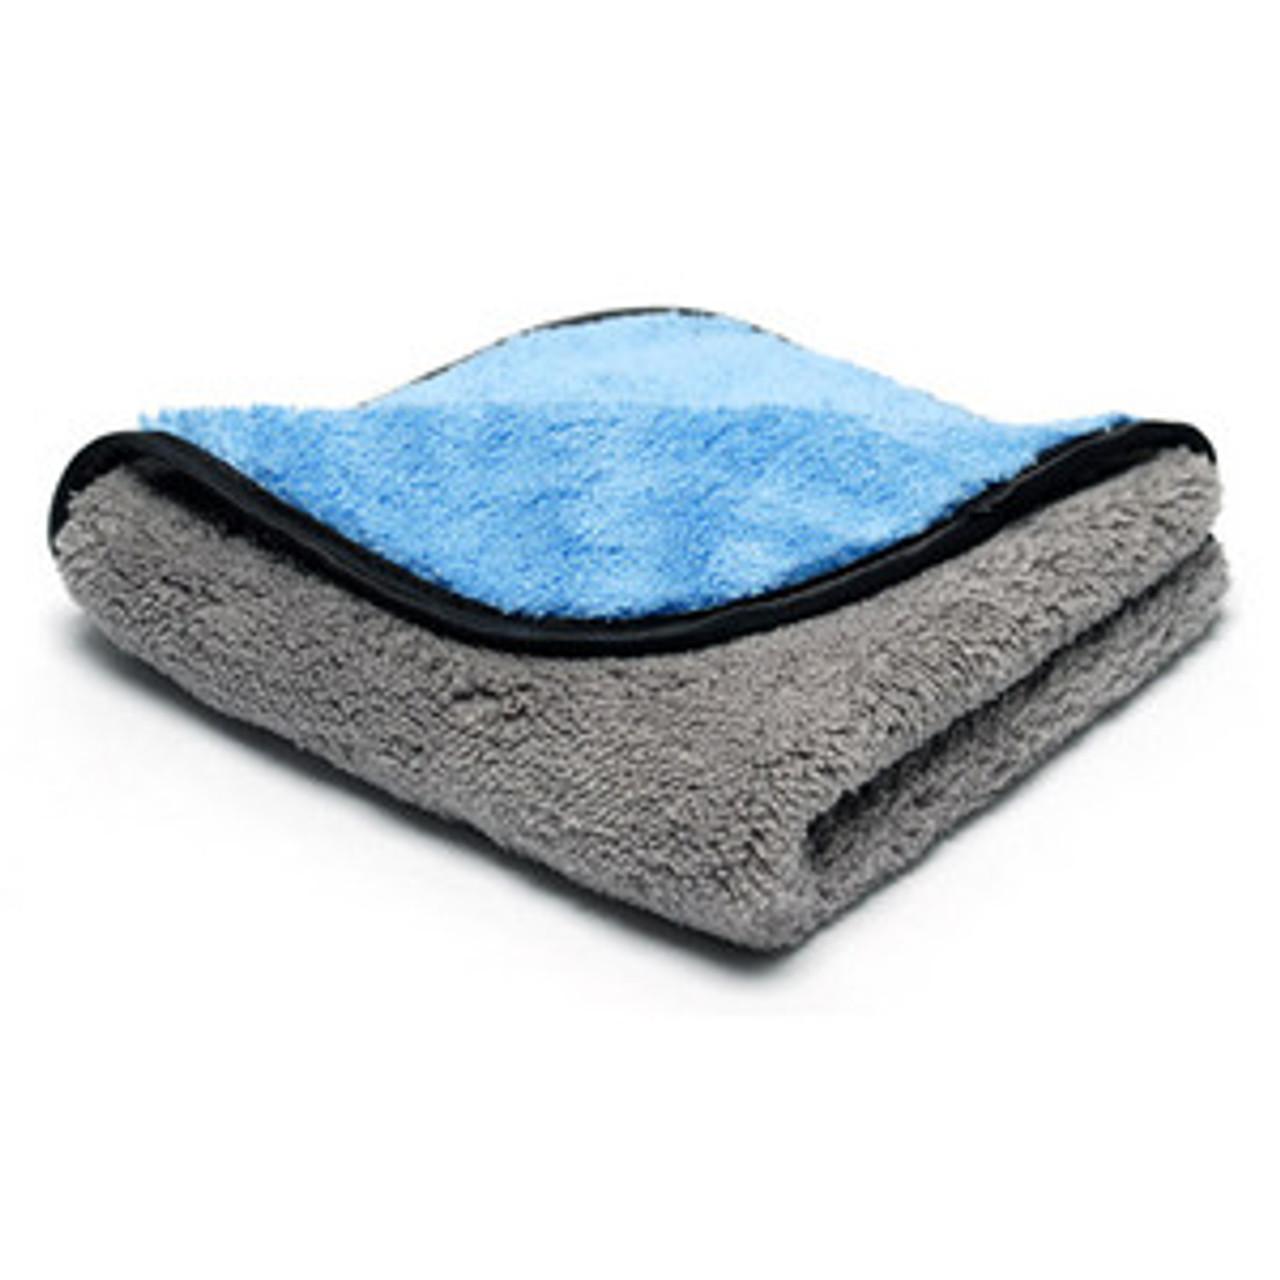 MammothSuperStar QD Detailing Towel